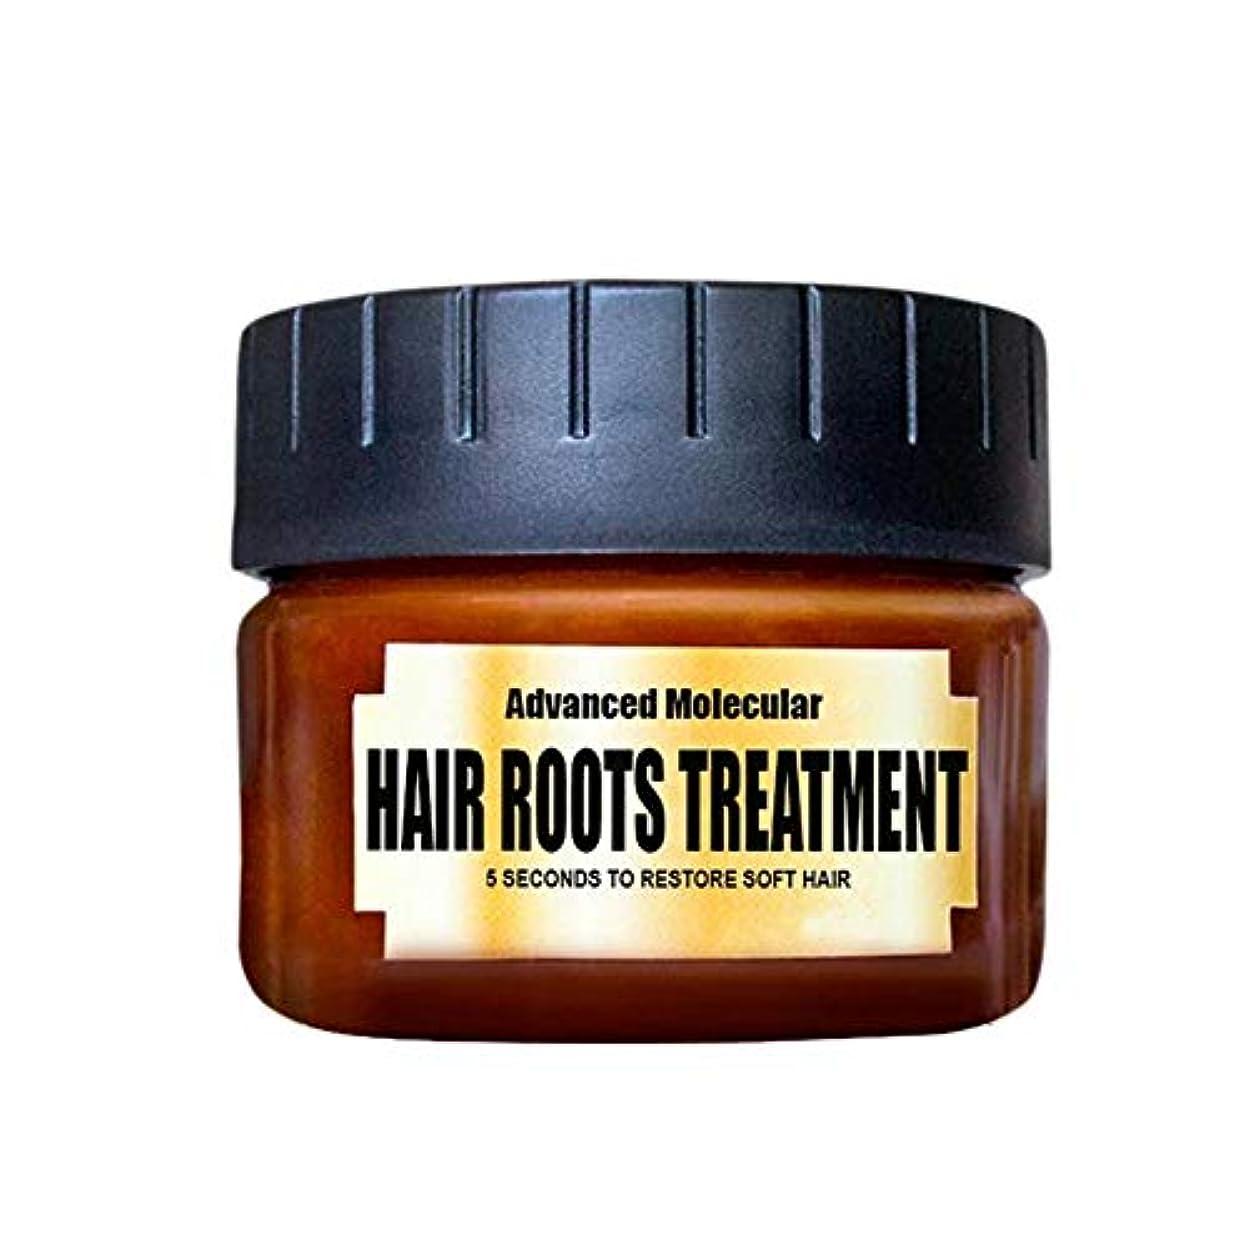 くつろぎ風邪をひくクローゼット保湿ヘアマスクとディープコンディショナー解毒ヘアマスク弾性回復乾燥または損傷した髪の毛